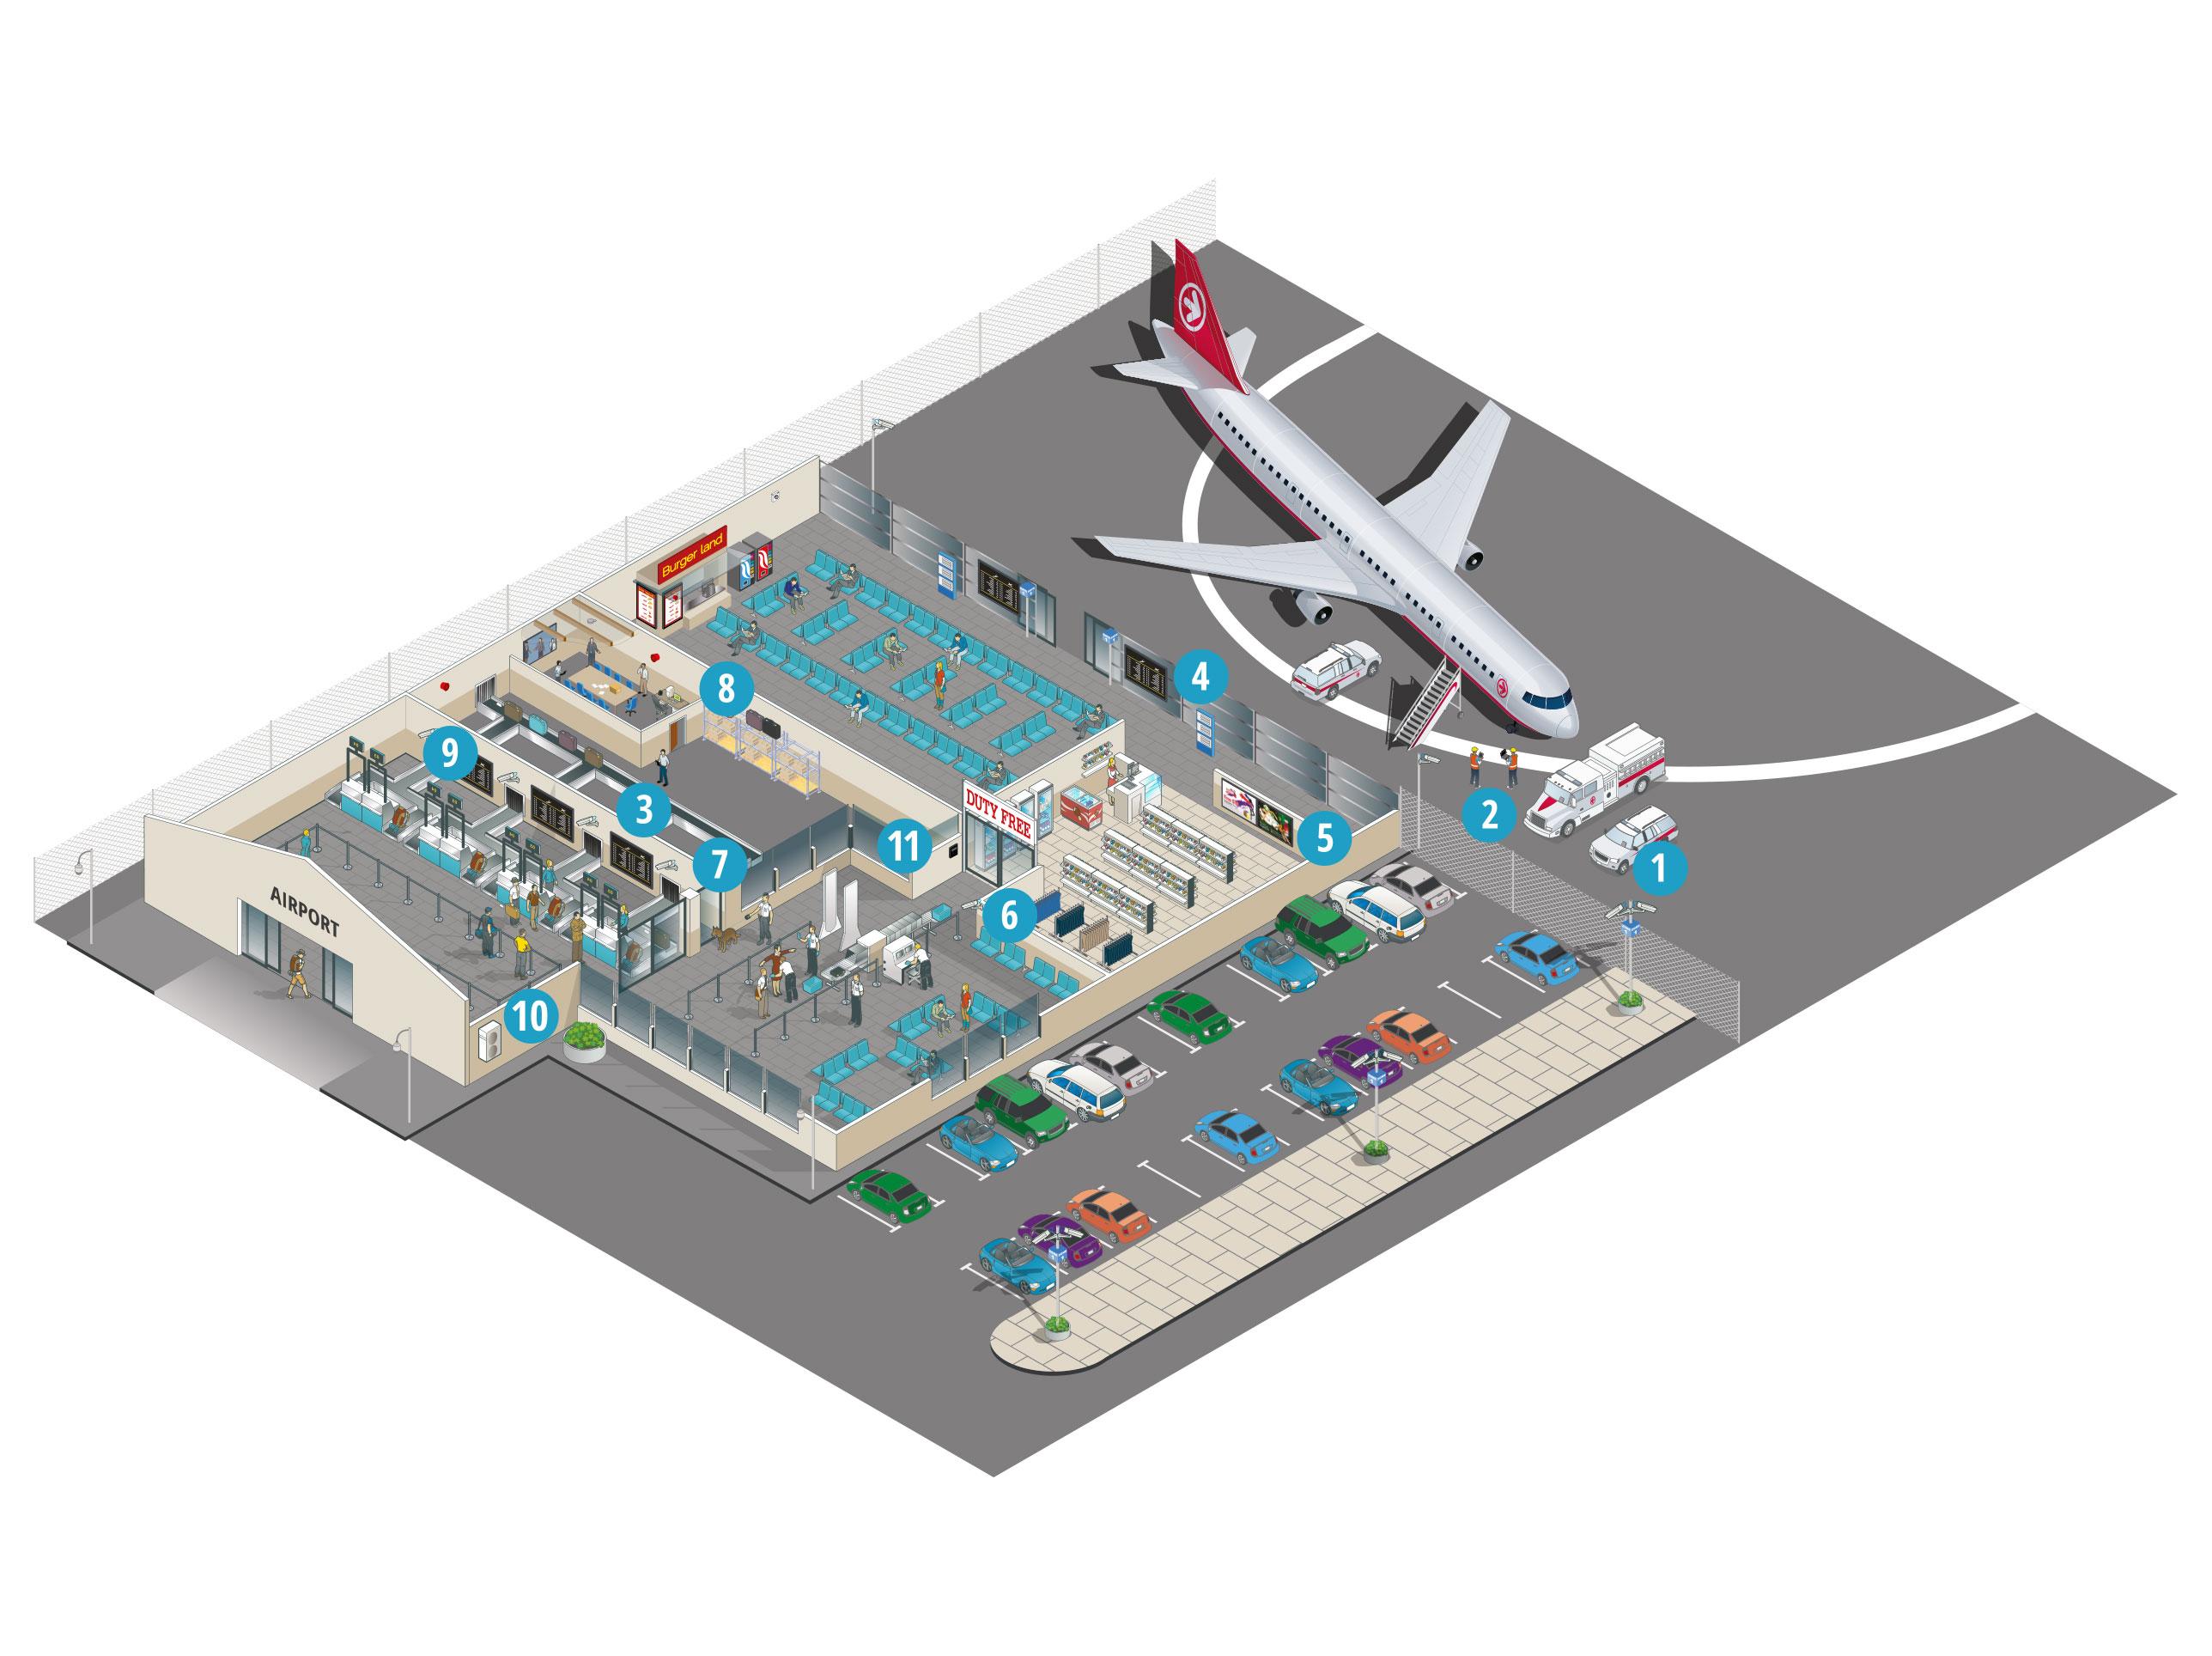 Comment les solutions de Panasonic aident-elles le secteur aéronautique?